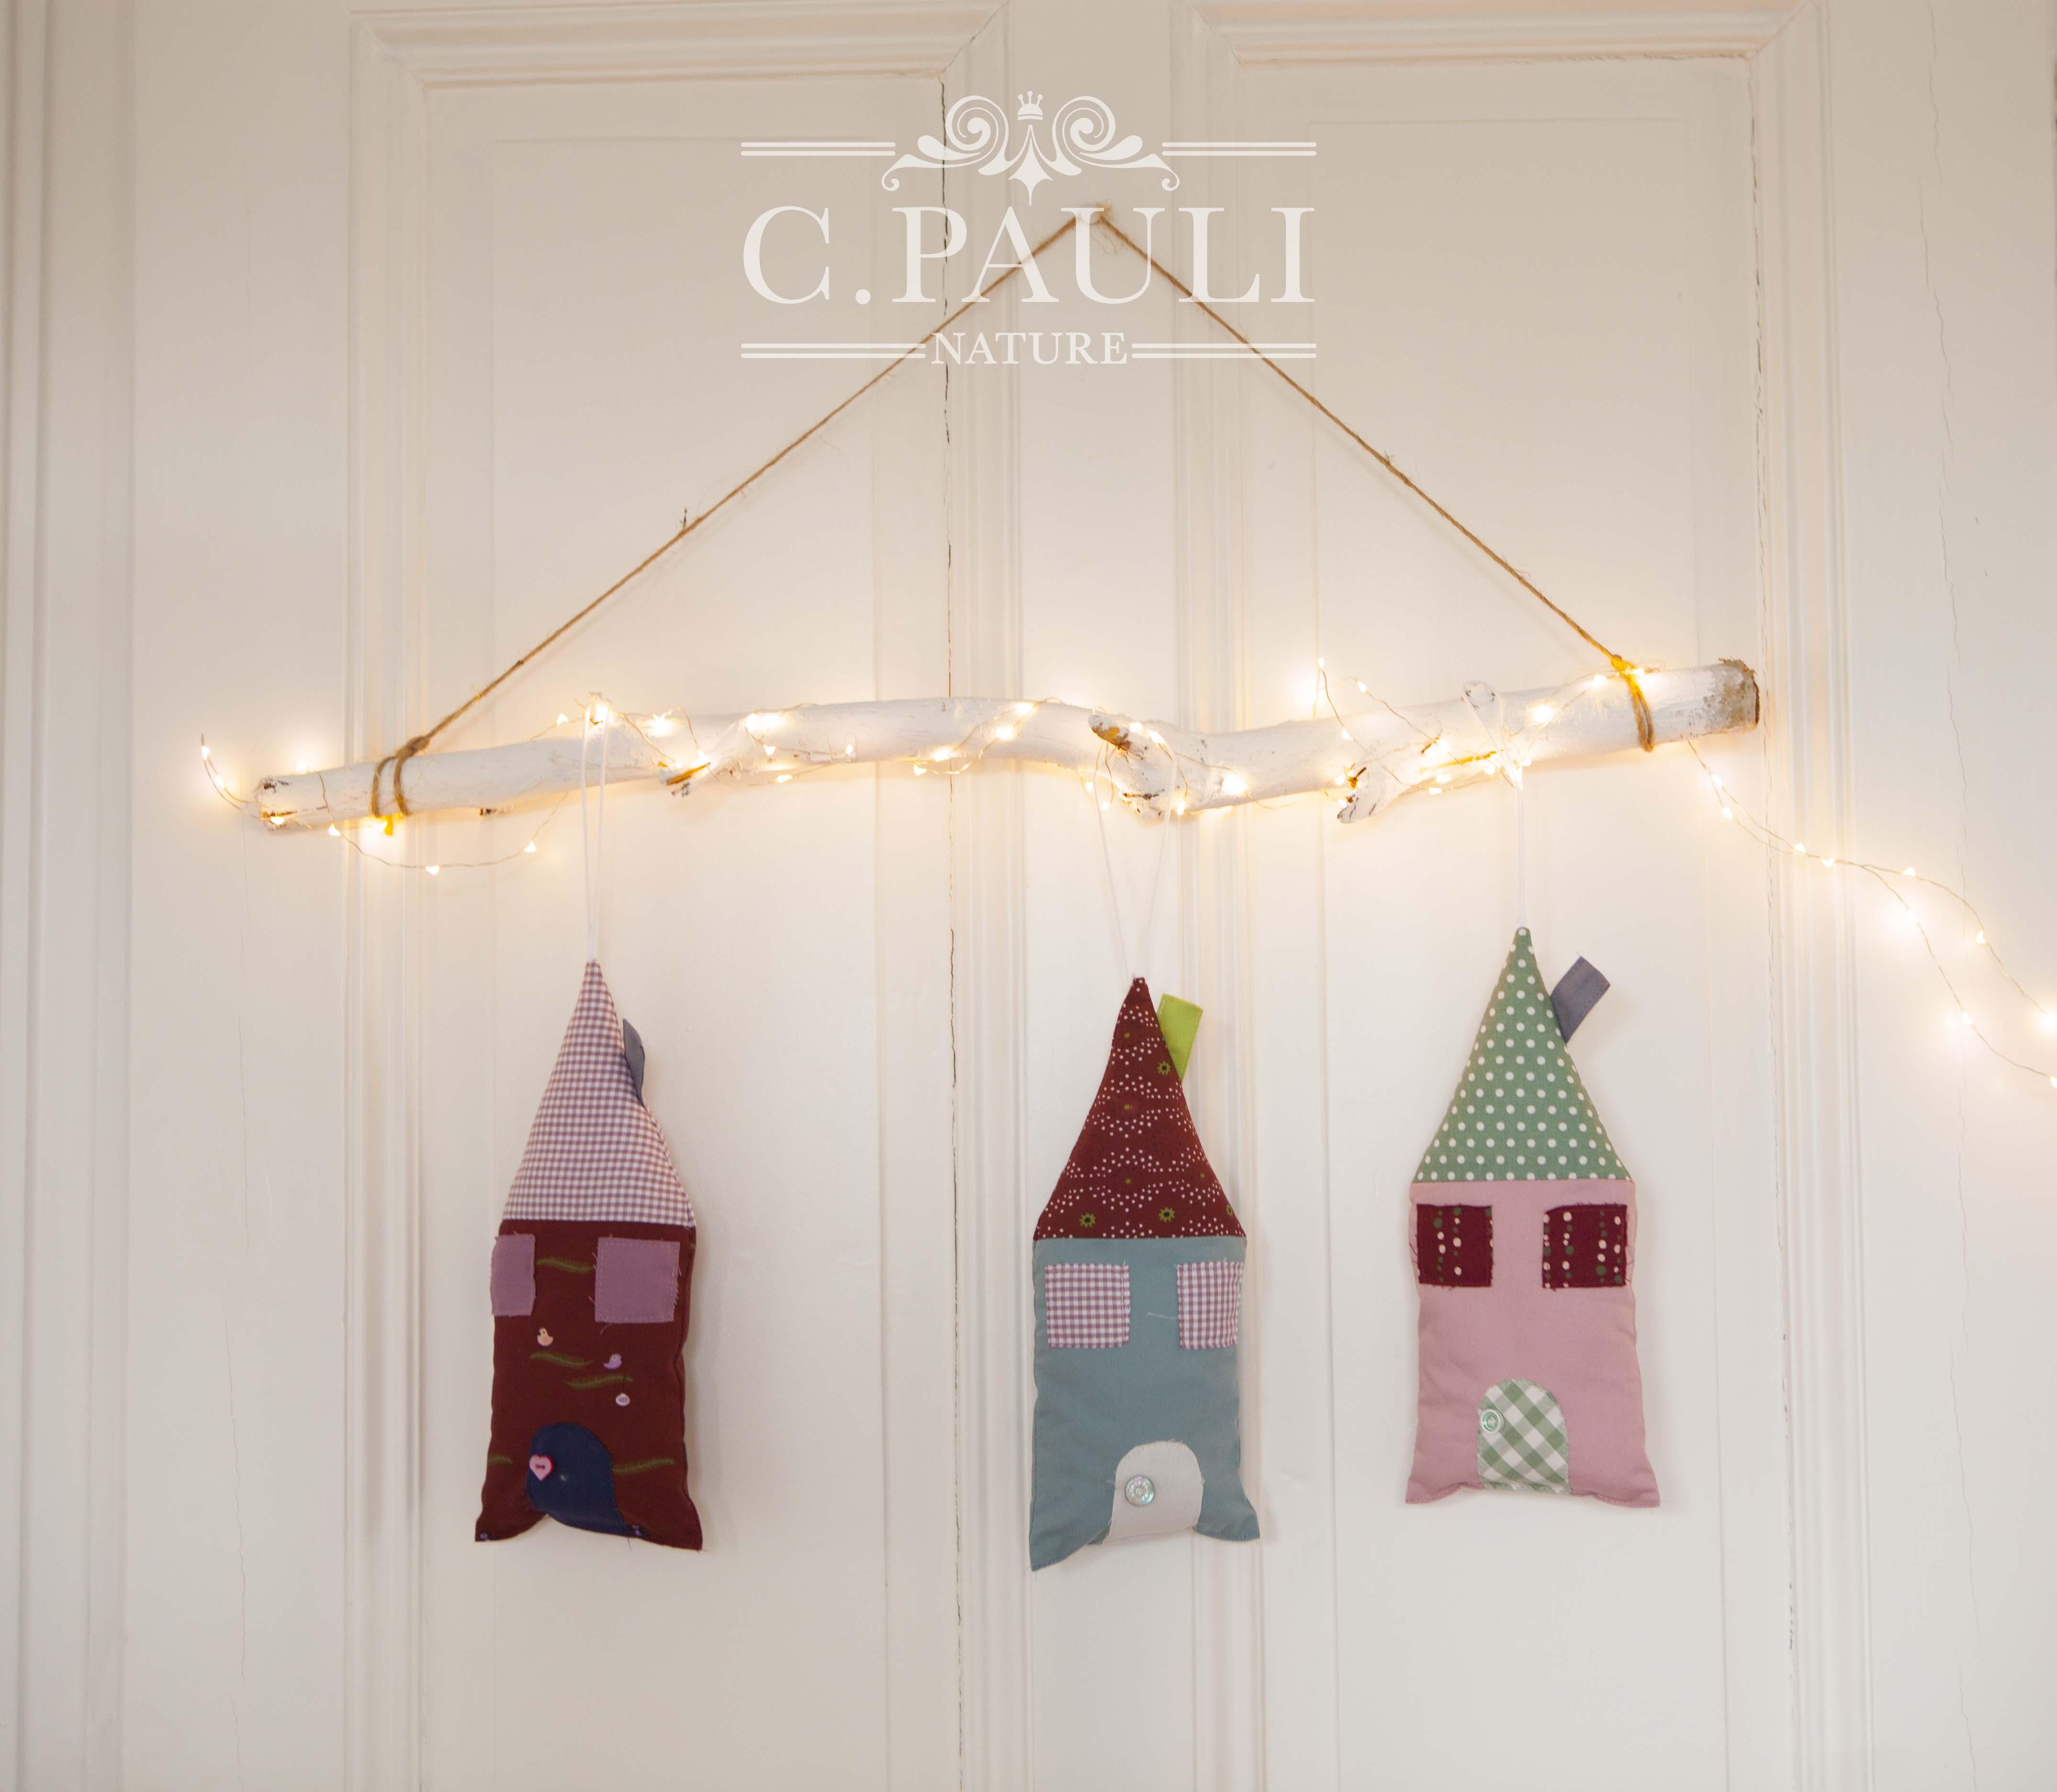 Heute Zeigen Wir Euch Diese Süßen Deko Häuschen, Mit Denen Ihr Die  Adventszeit Verschönern Könnt. Dank Unseren Weihnachtsstoffen, Wie Zum  Beispiel Der ...